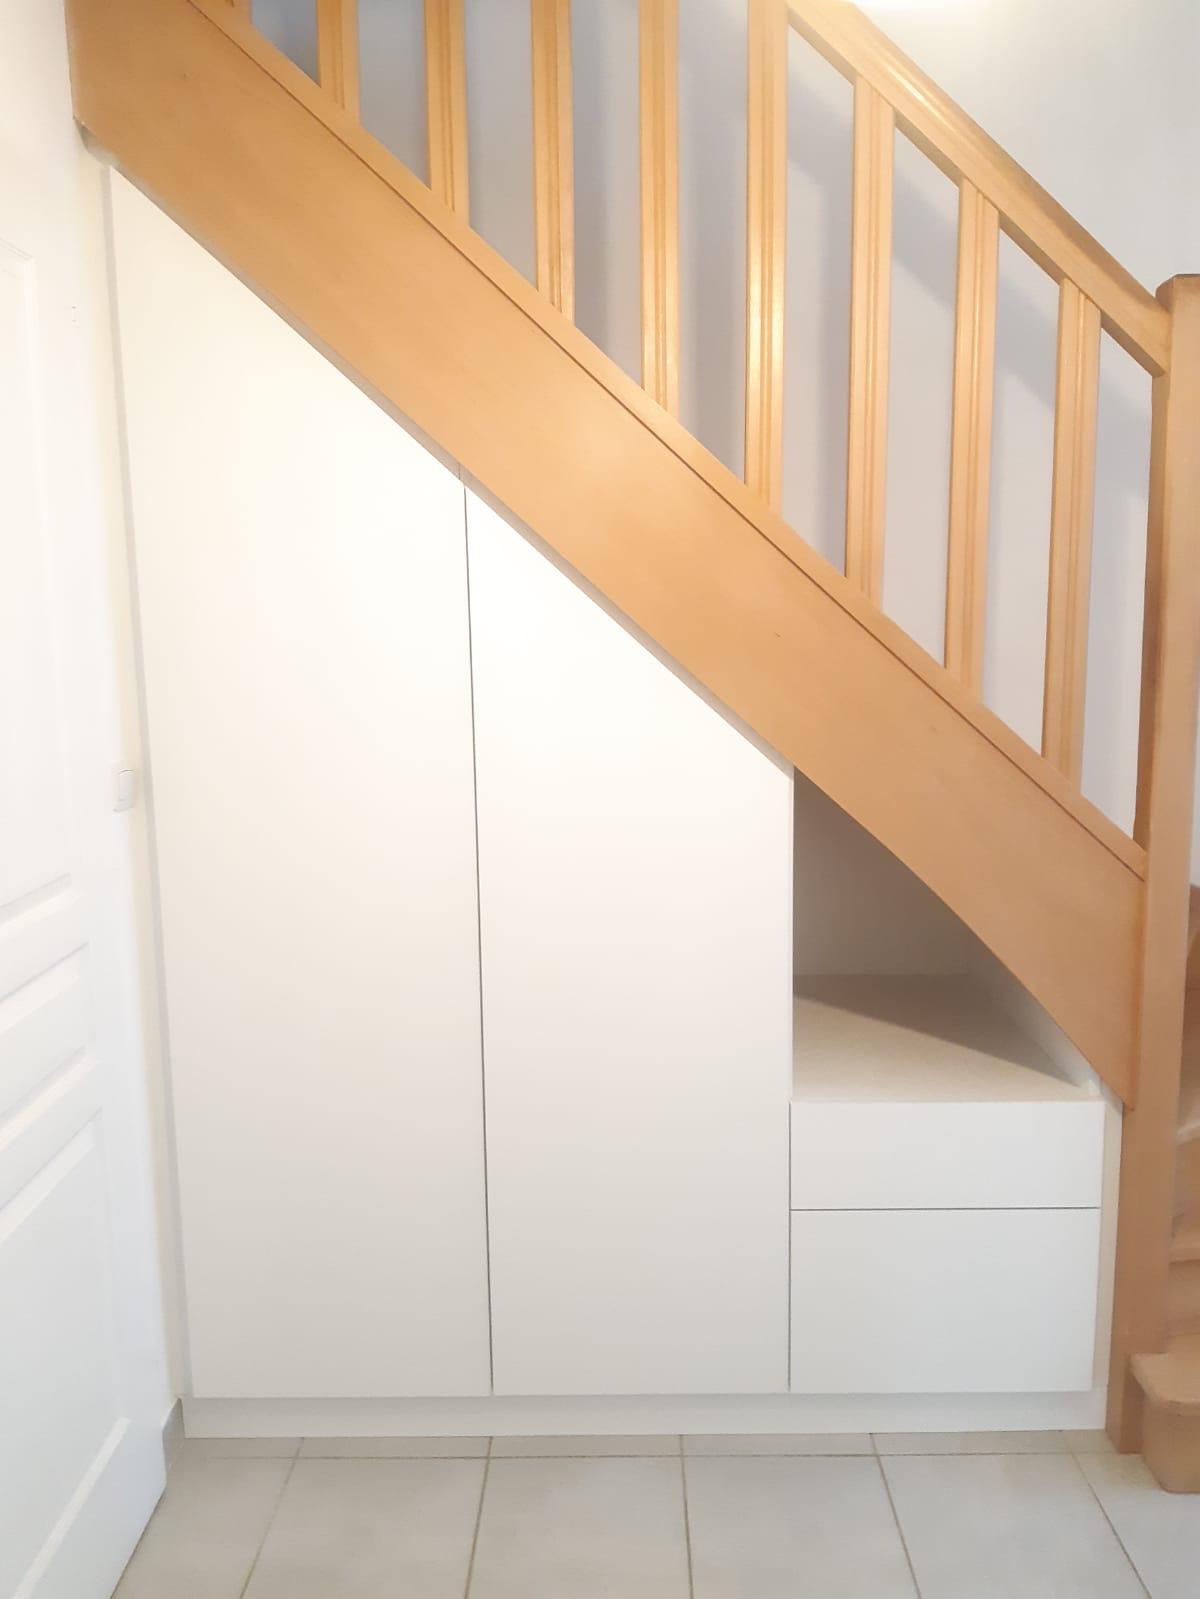 Aménagement sous escalier avec des rangements coulissants - Kiosque Aménagement